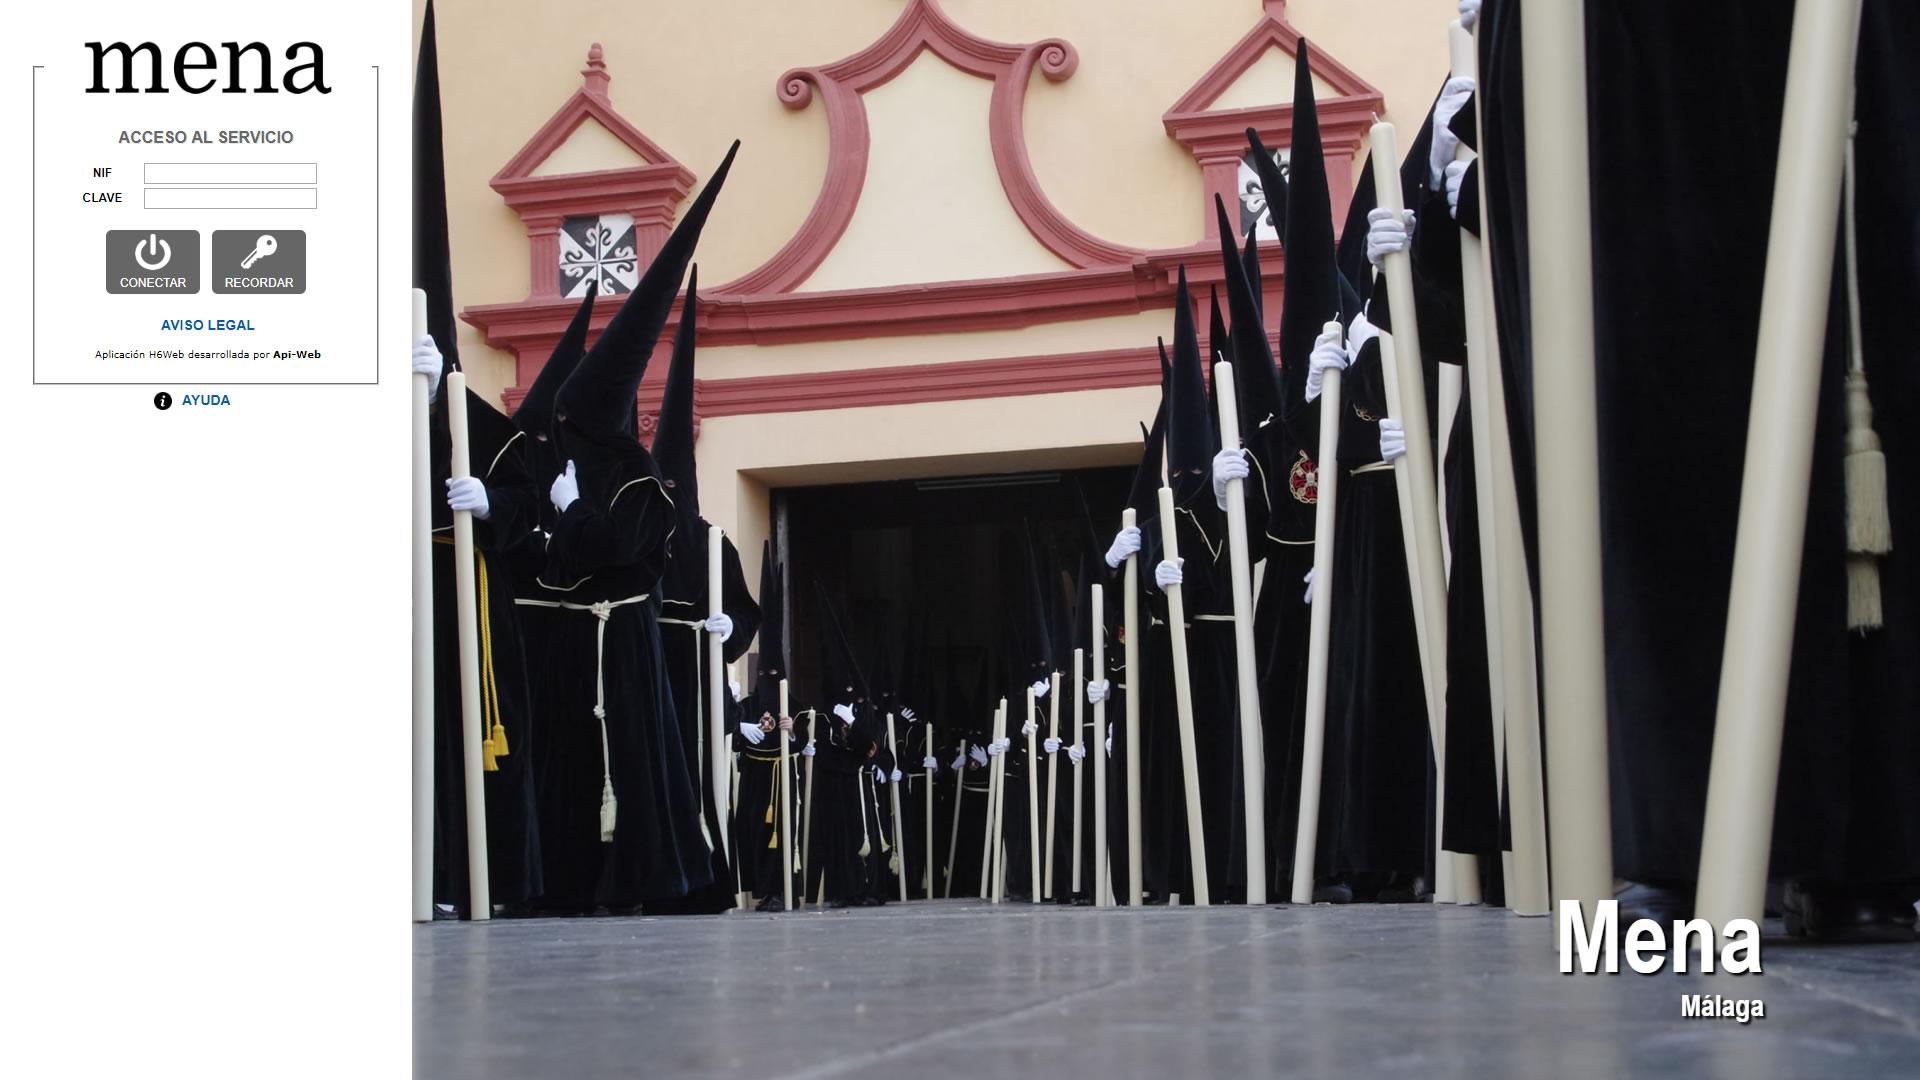 Congregación de Mena Málaga